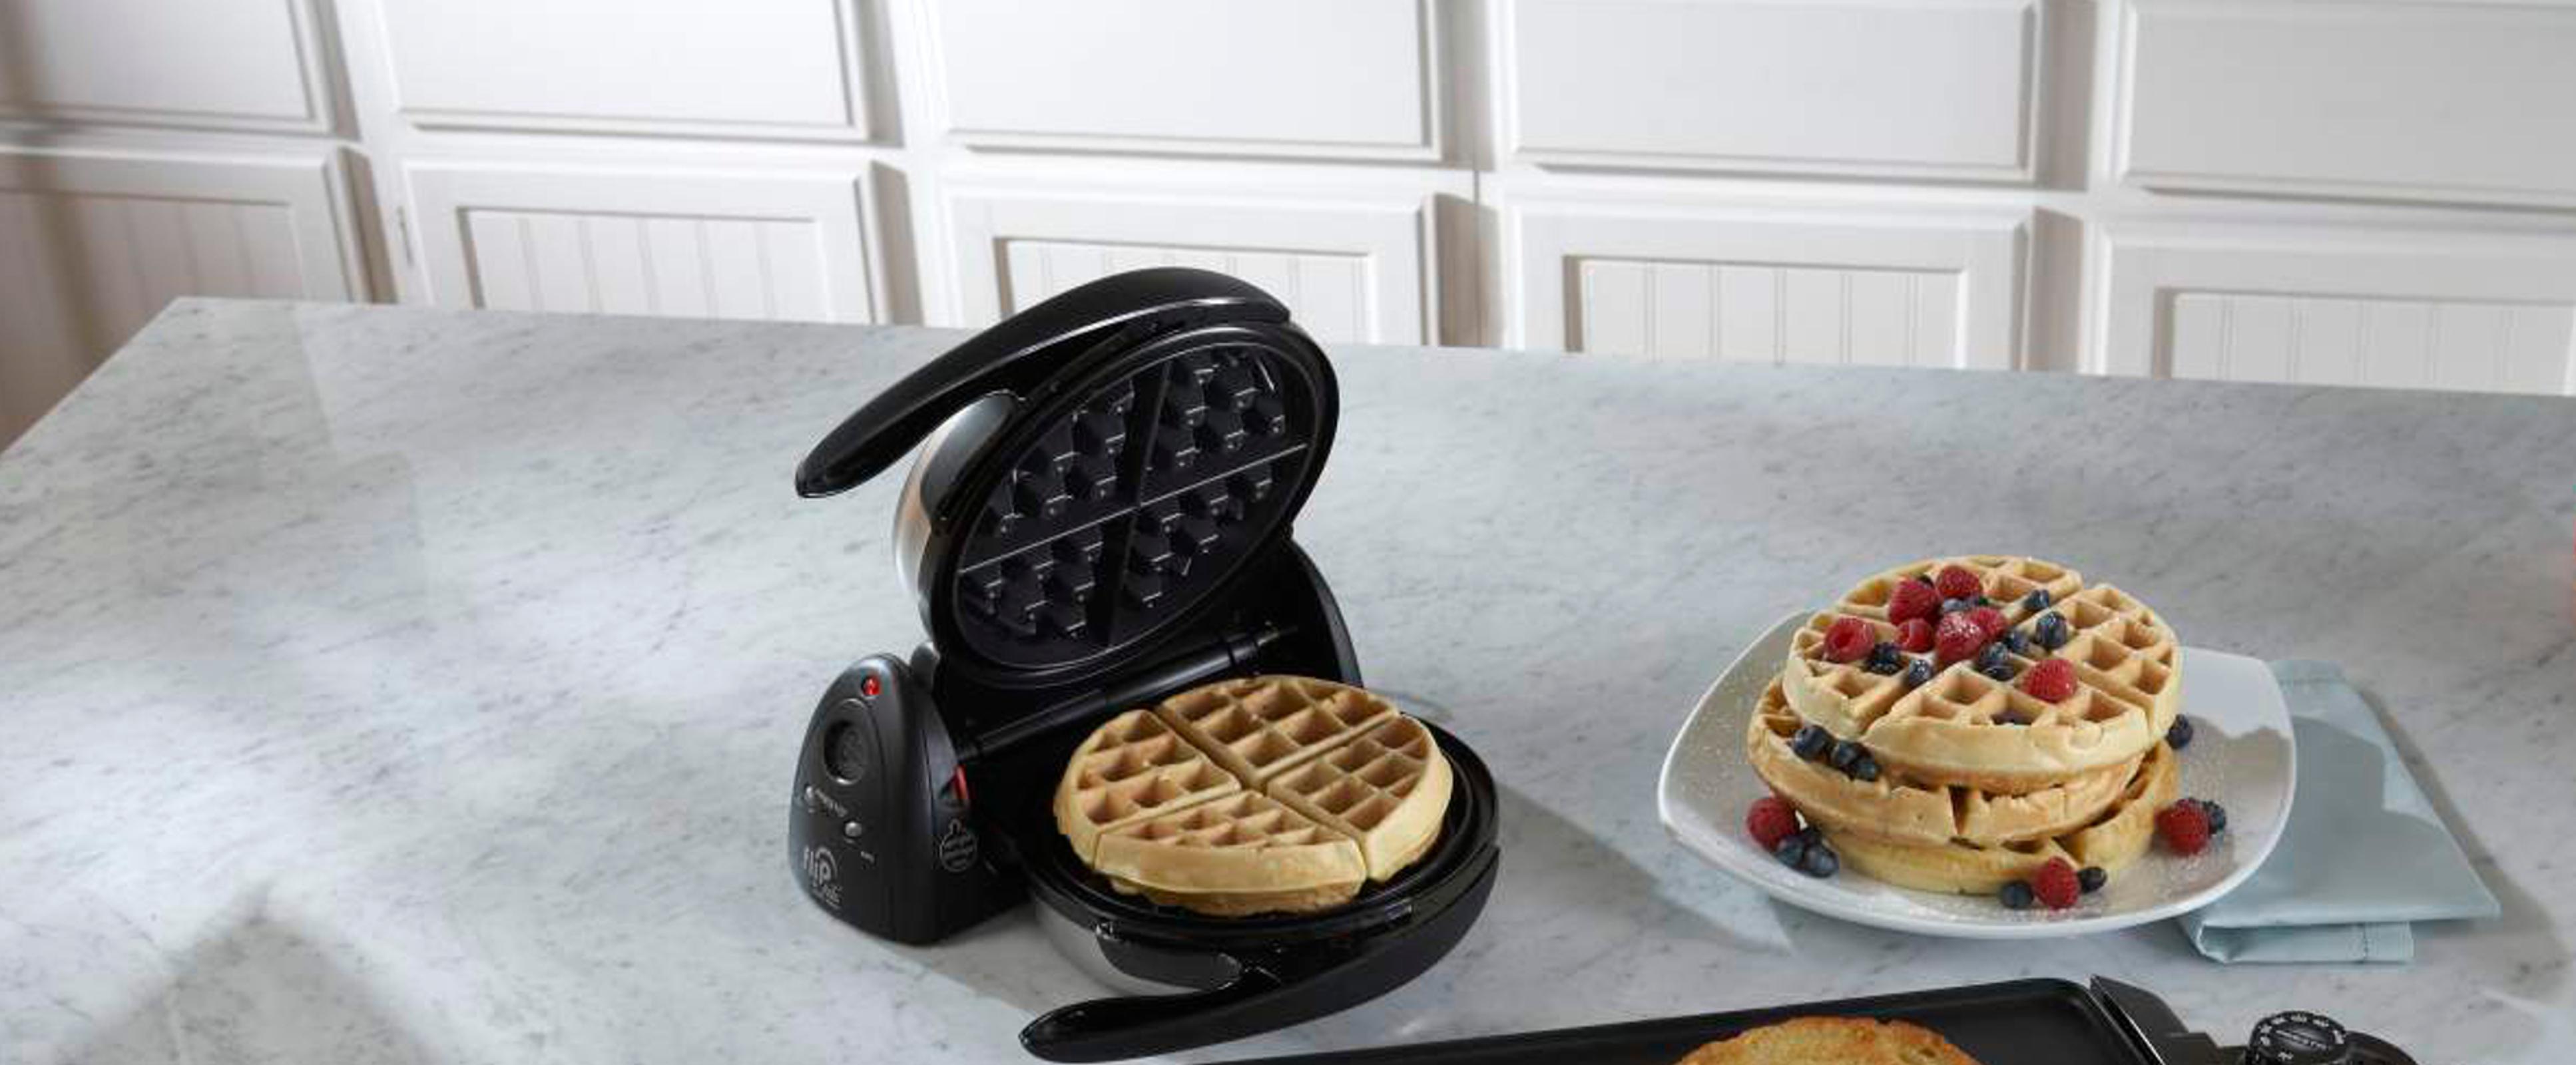 Presto 7 Inch FlipSide Waffle Maker